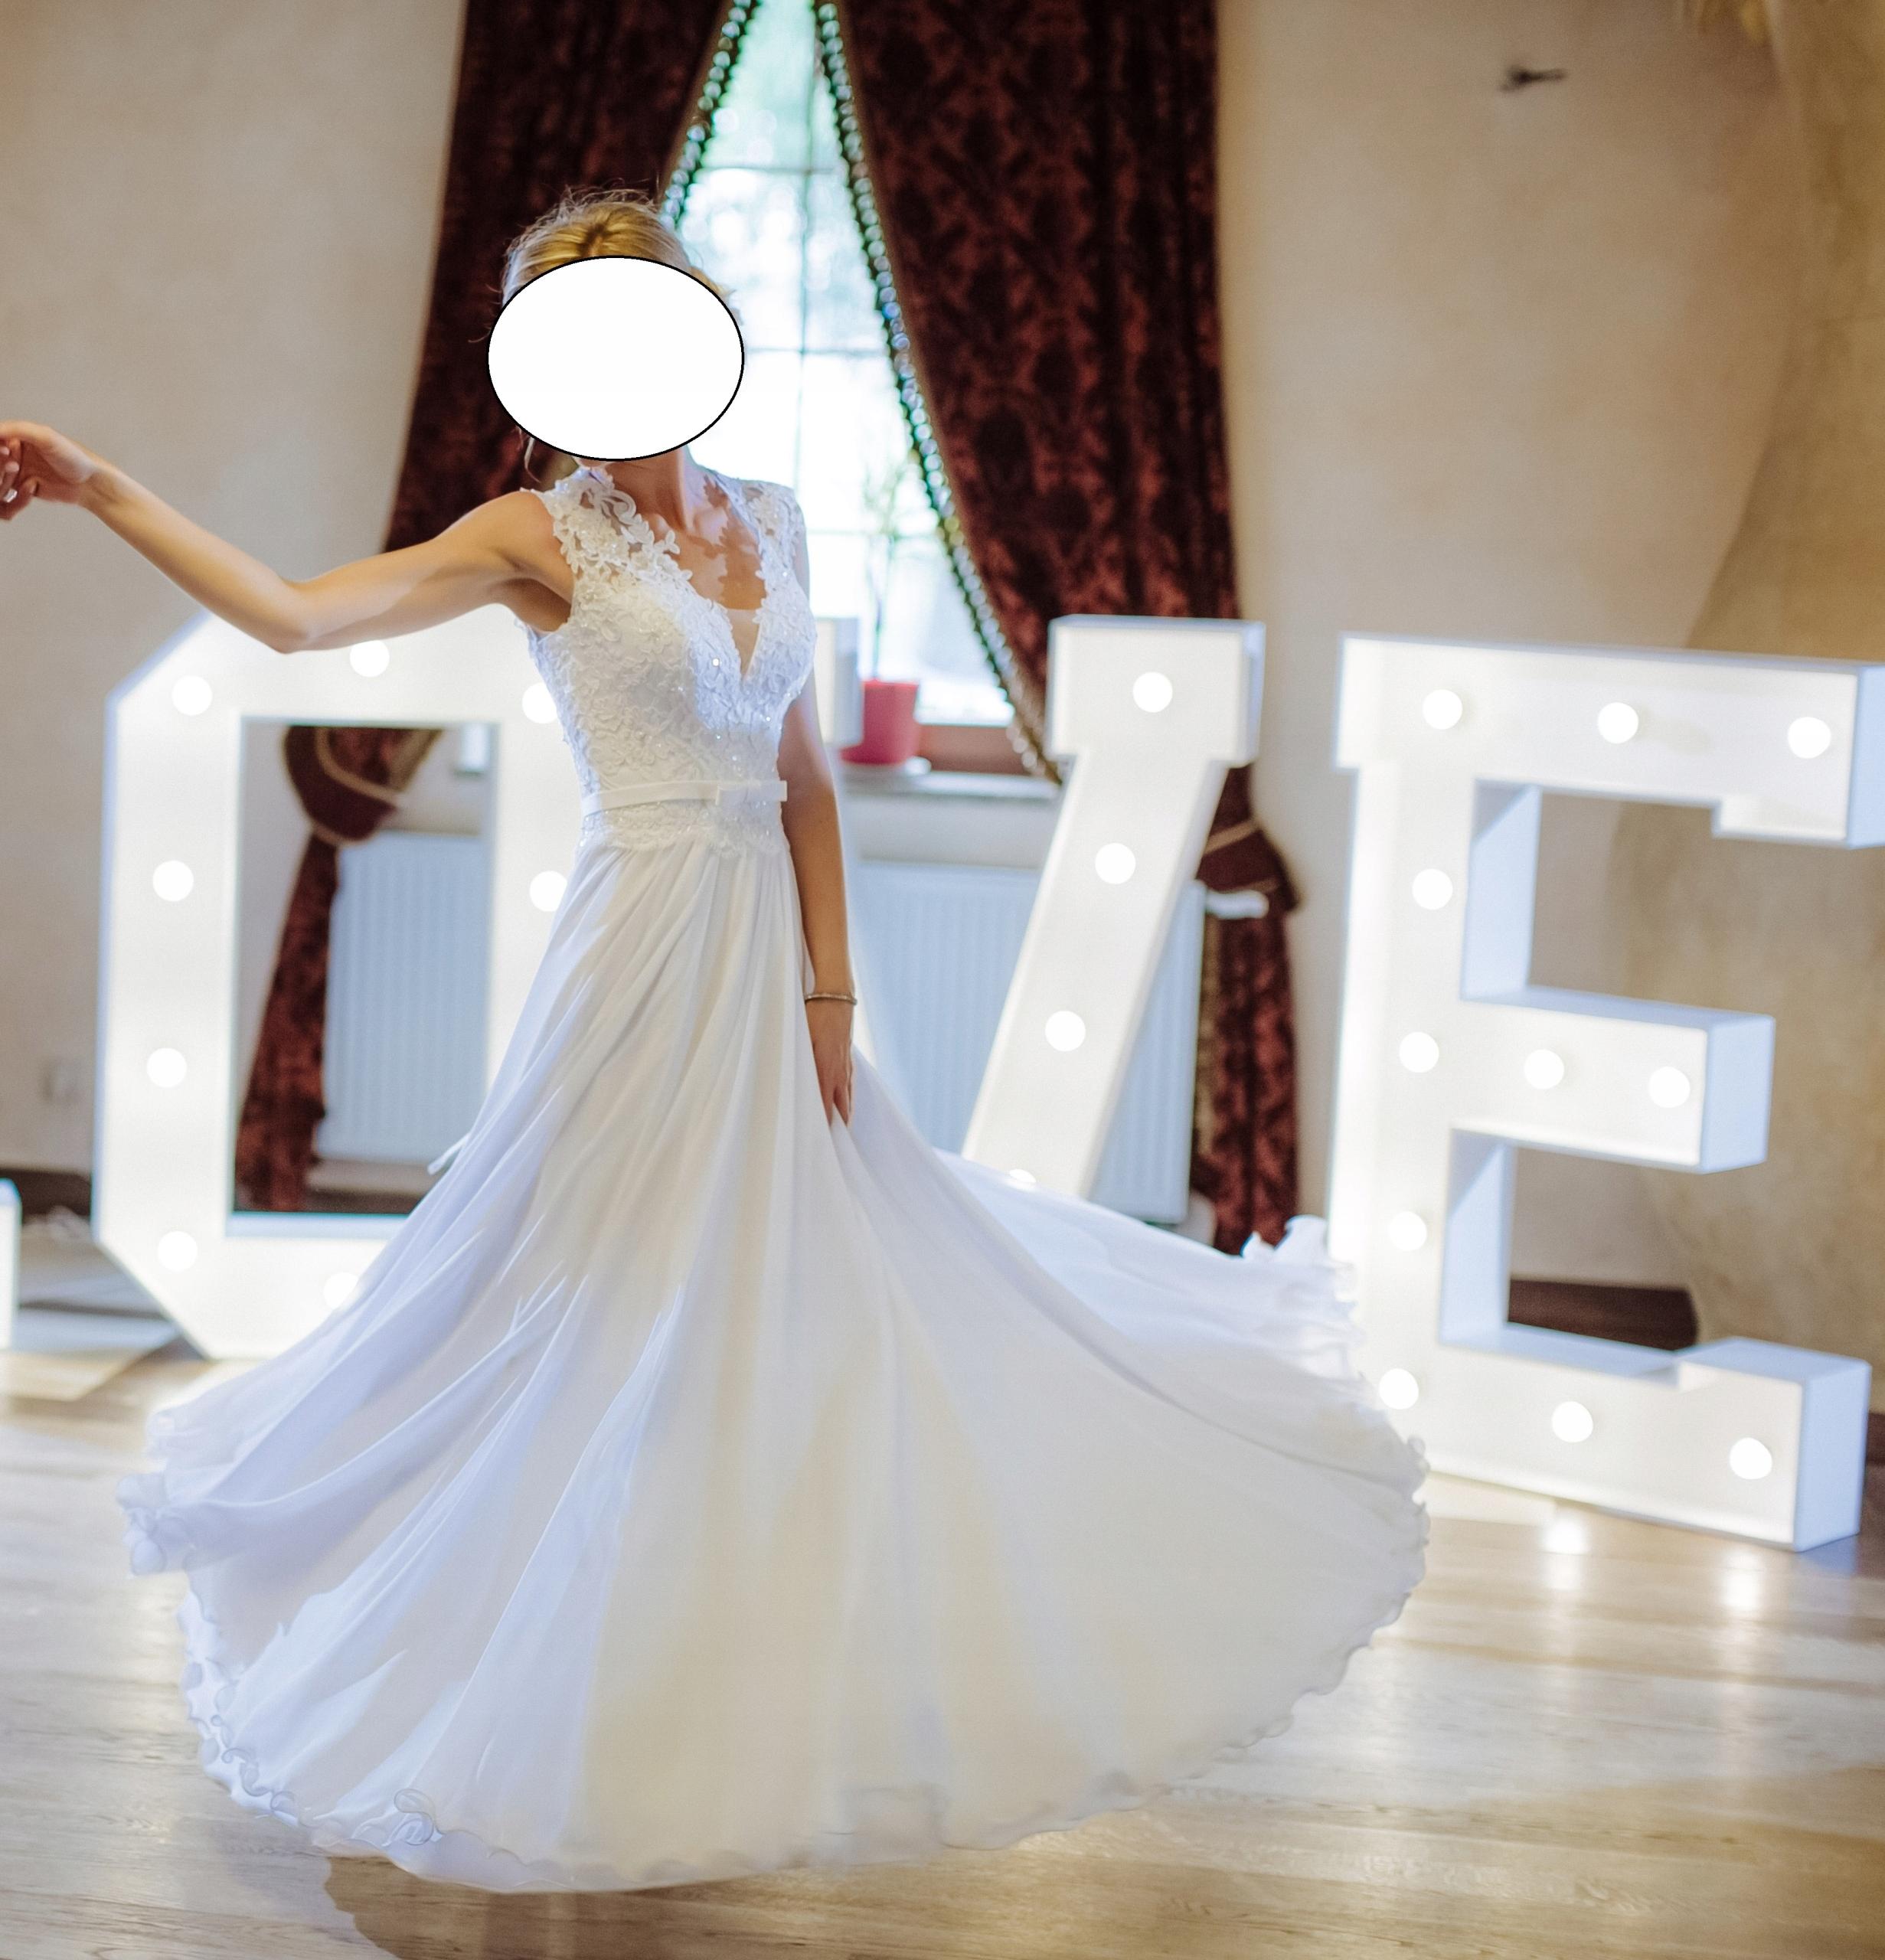 Suknia ślubna Biała 7483522016 Oficjalne Archiwum Allegro